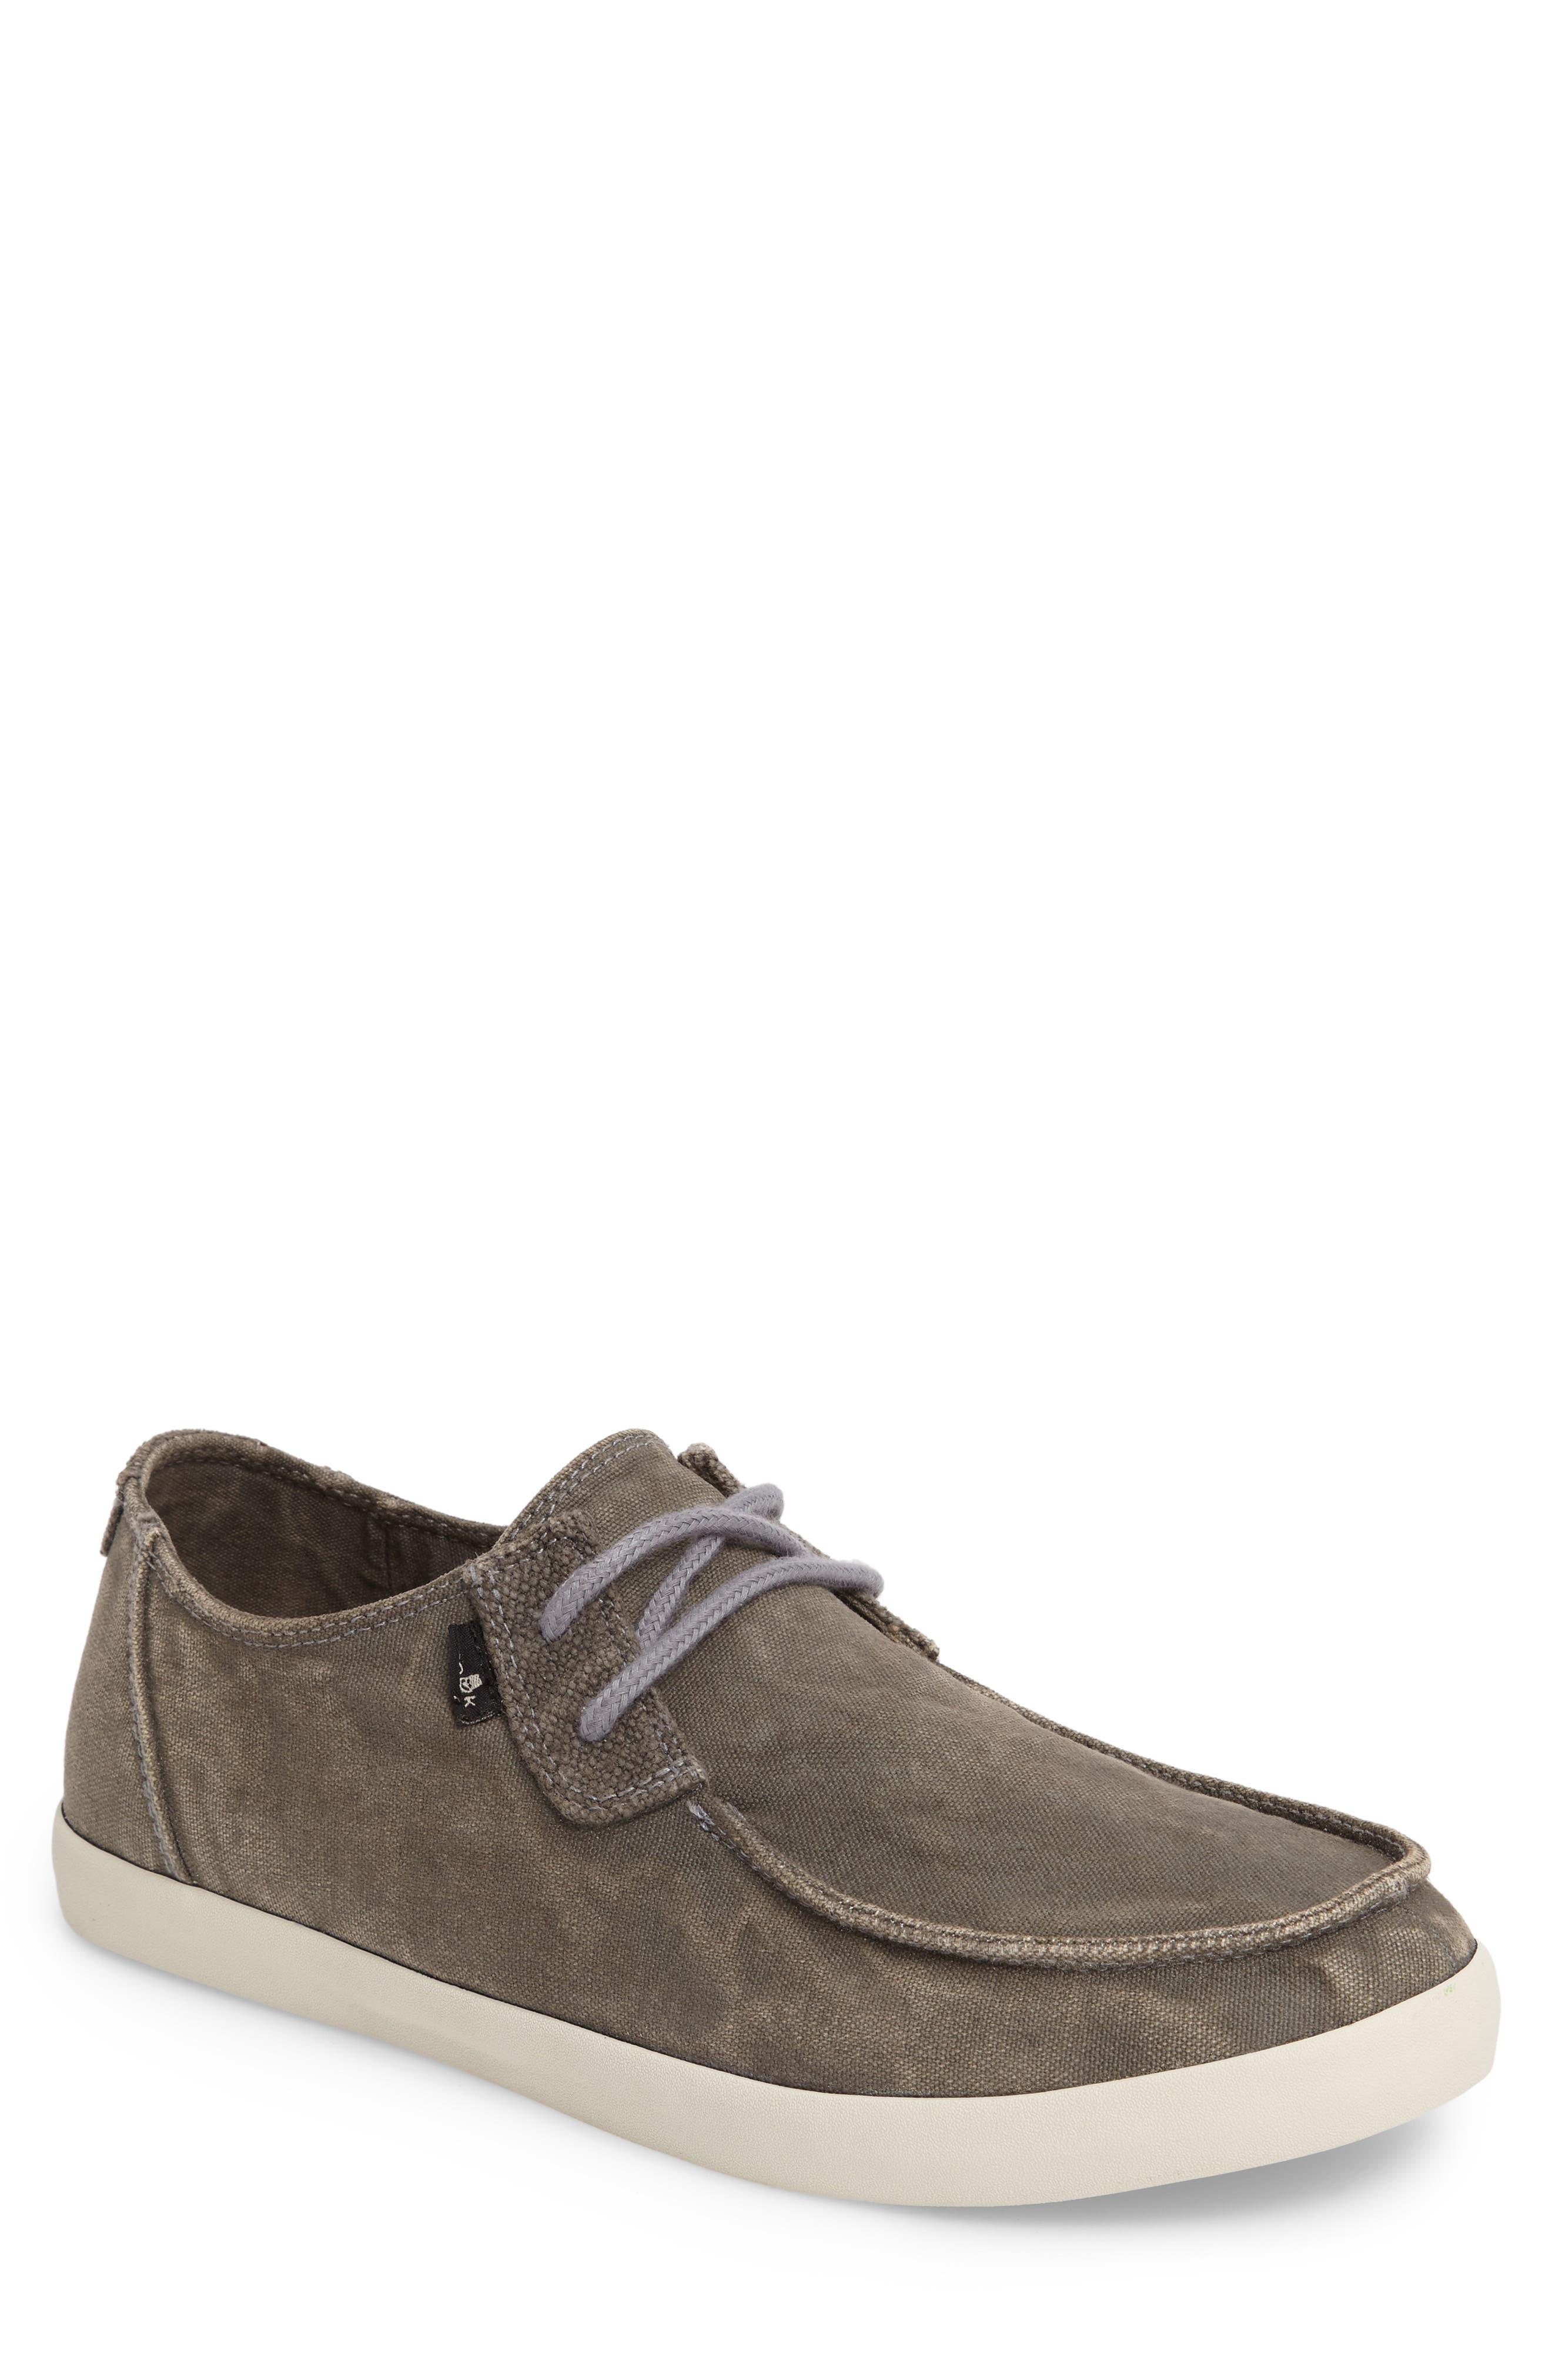 Numami Sneaker,                         Main,                         color, 051